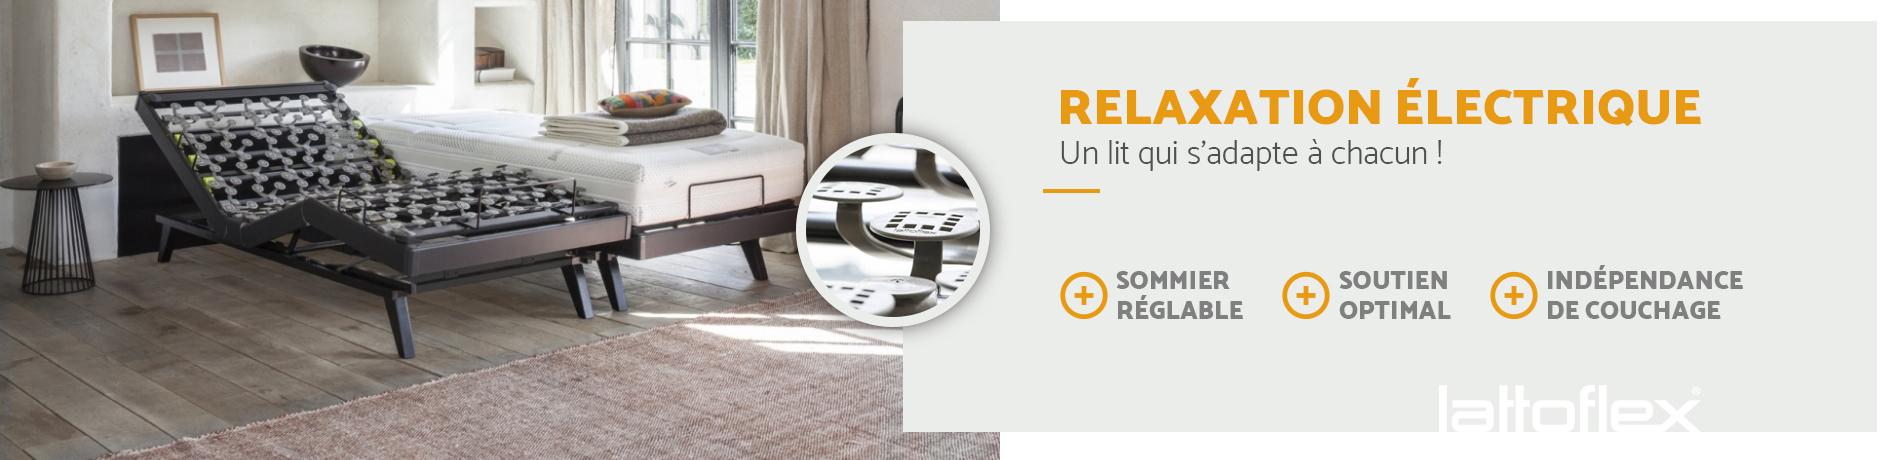 lit de relaxation électrique sur Meximieux